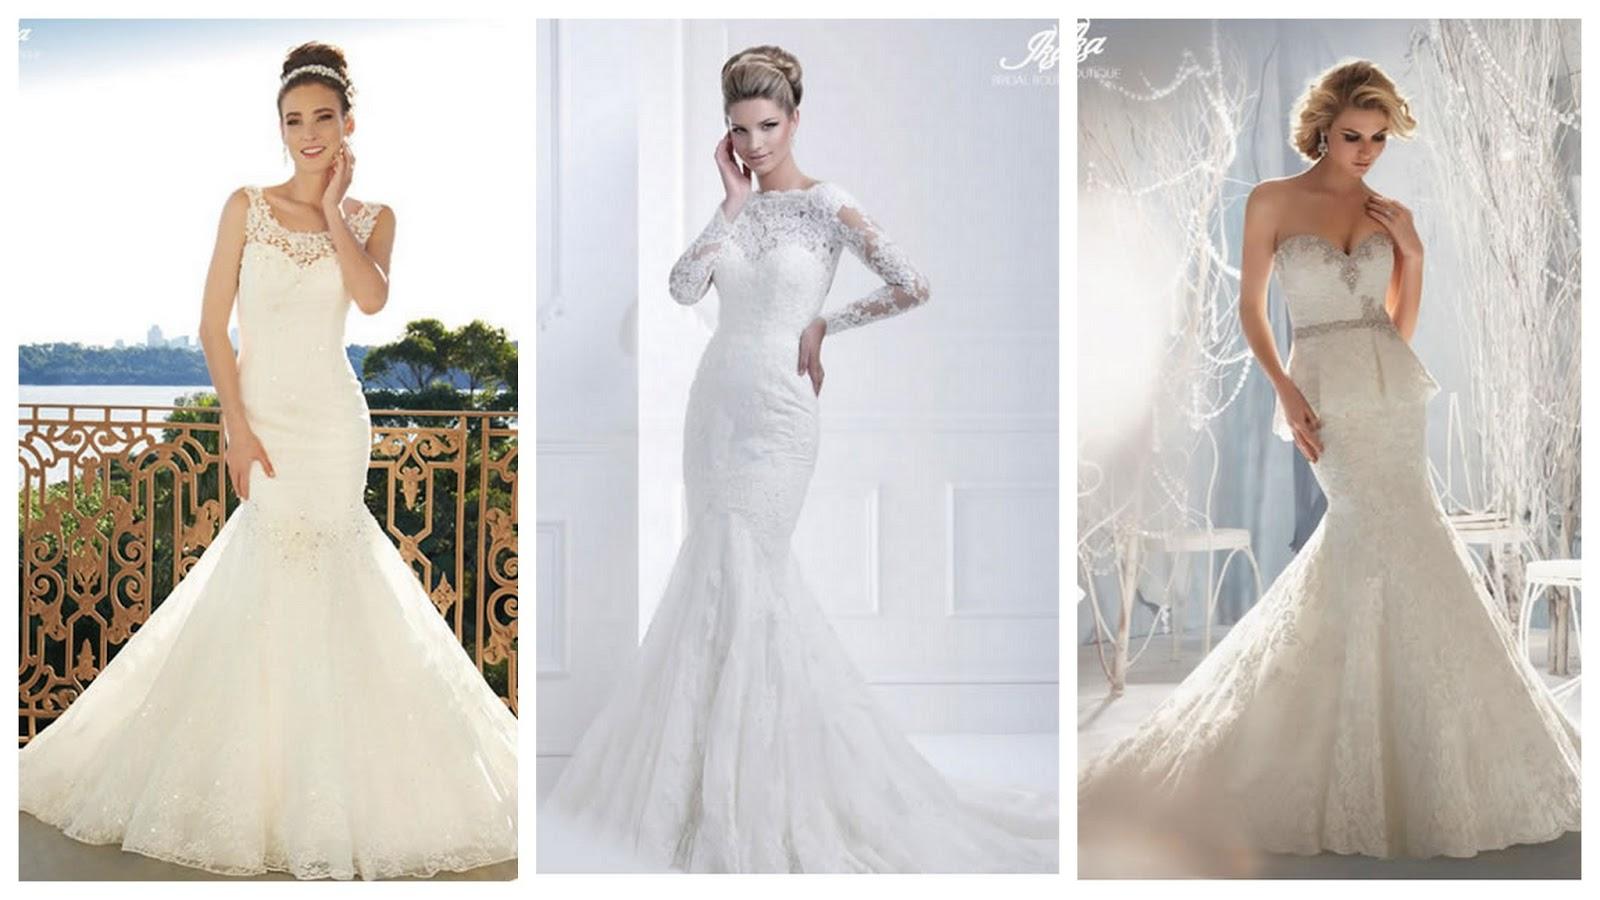 Get Gawjus JKA Bridal Gowns For Affordable Wedding Dresses Online